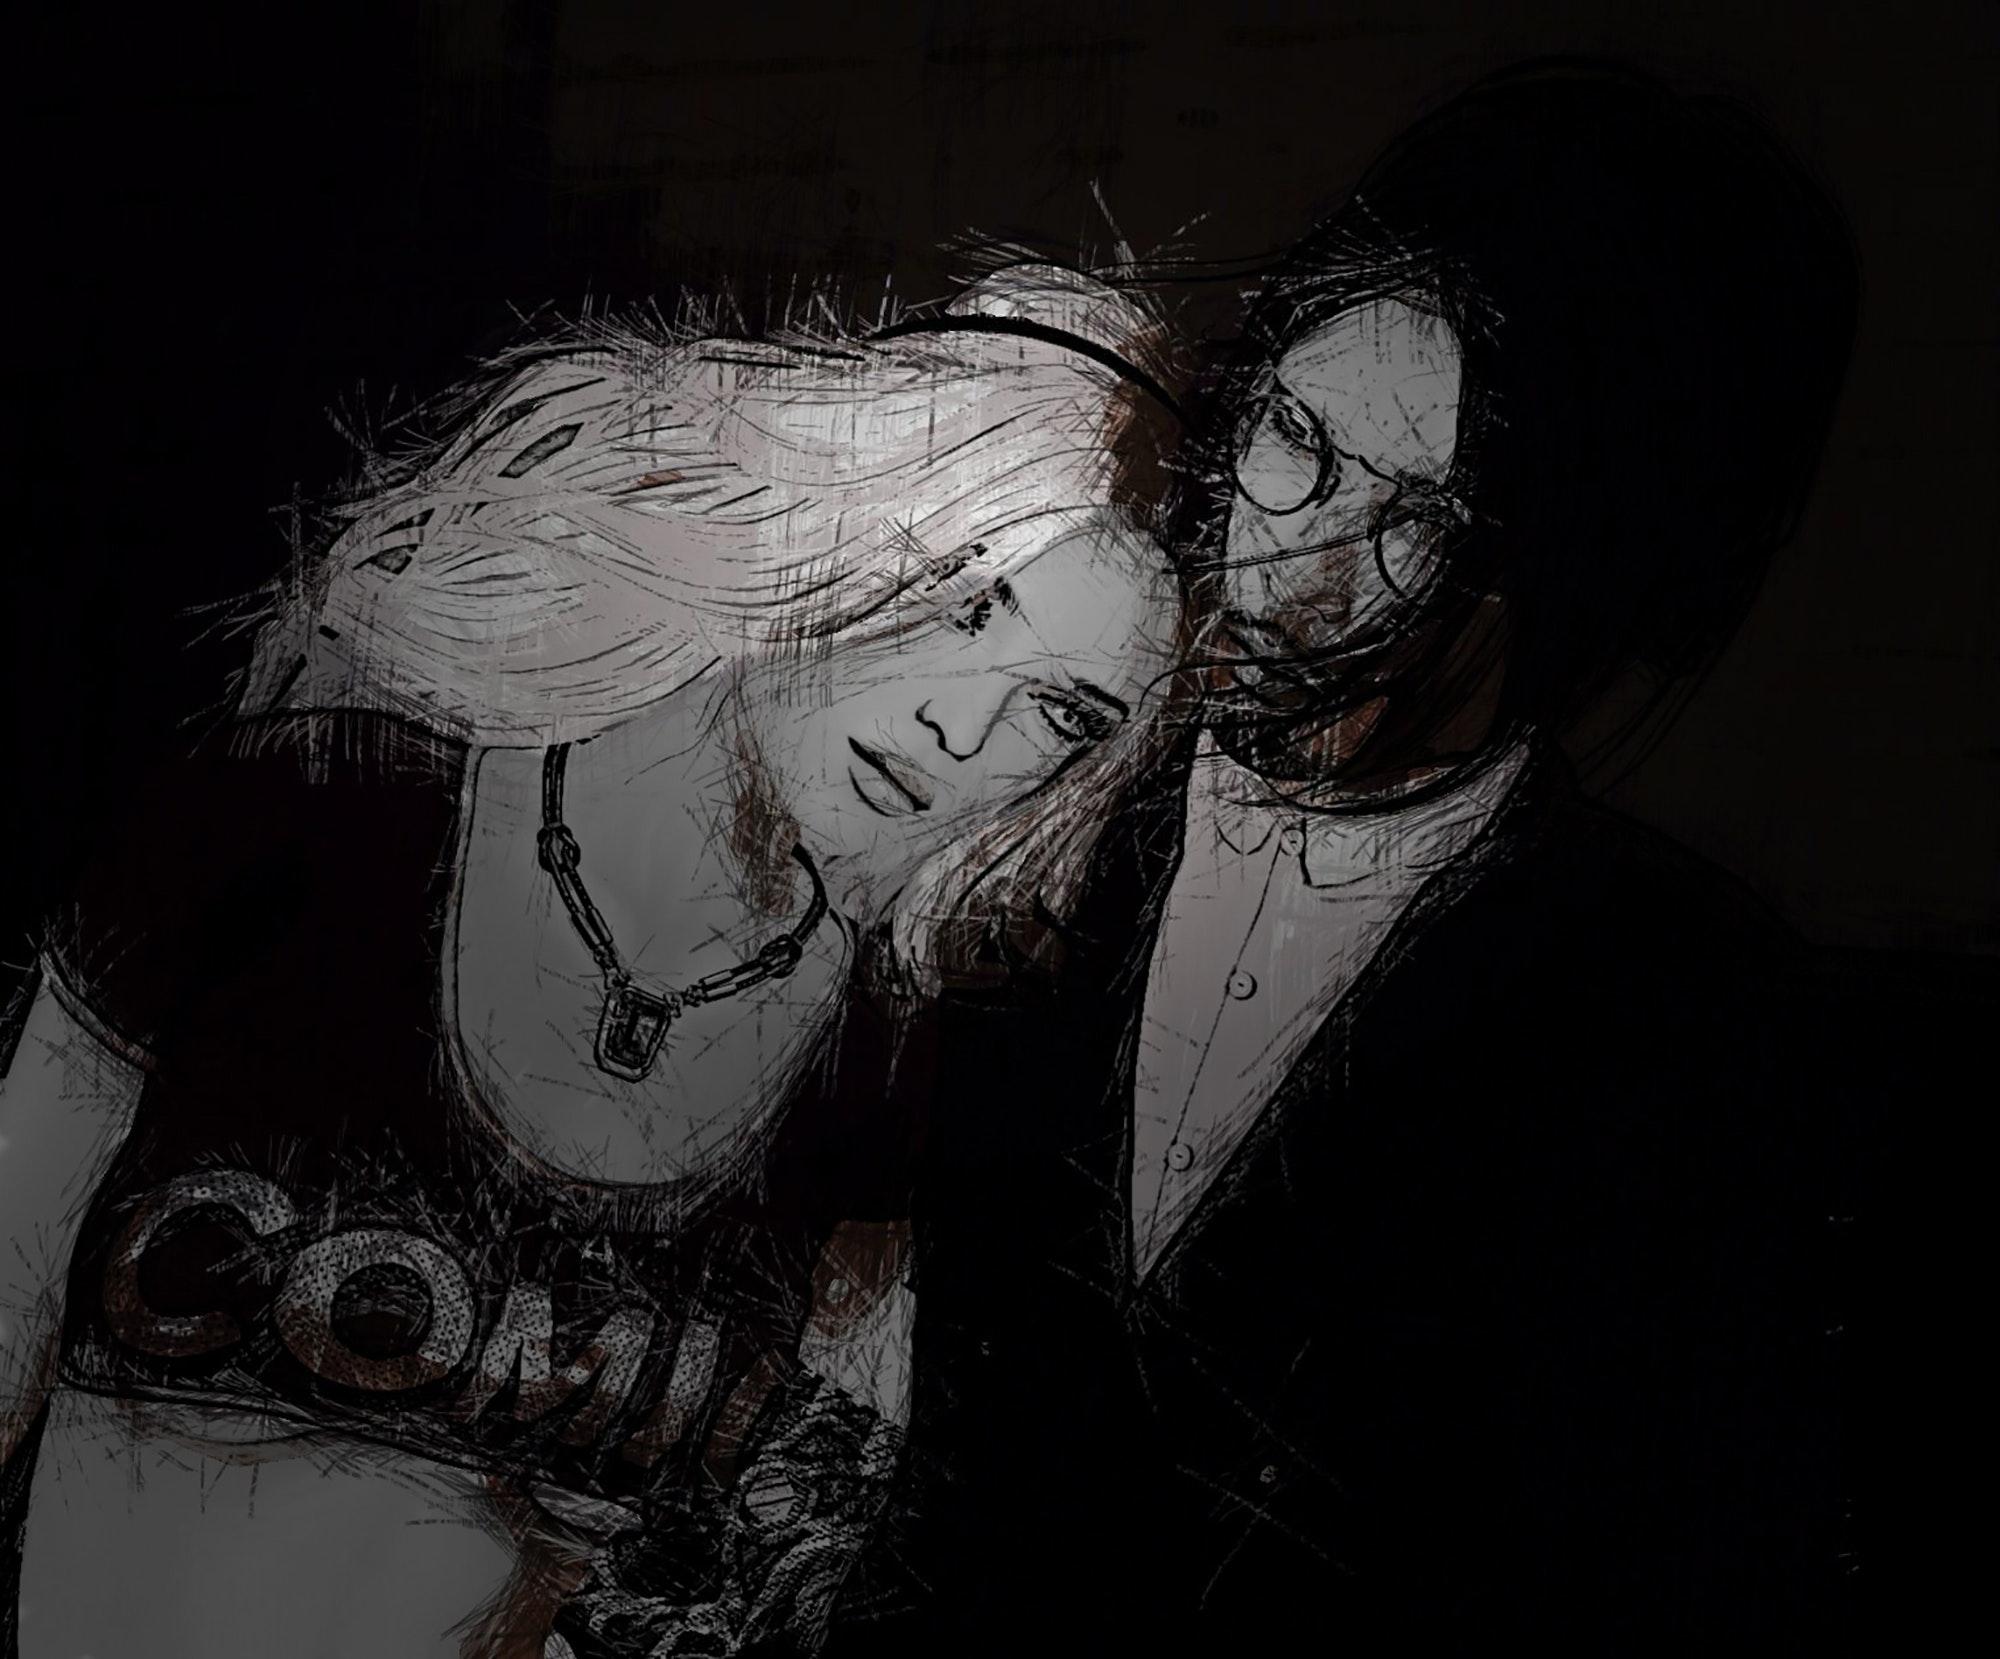 86+ Gambar Abstrak Hitam Putih Terlihat Keren